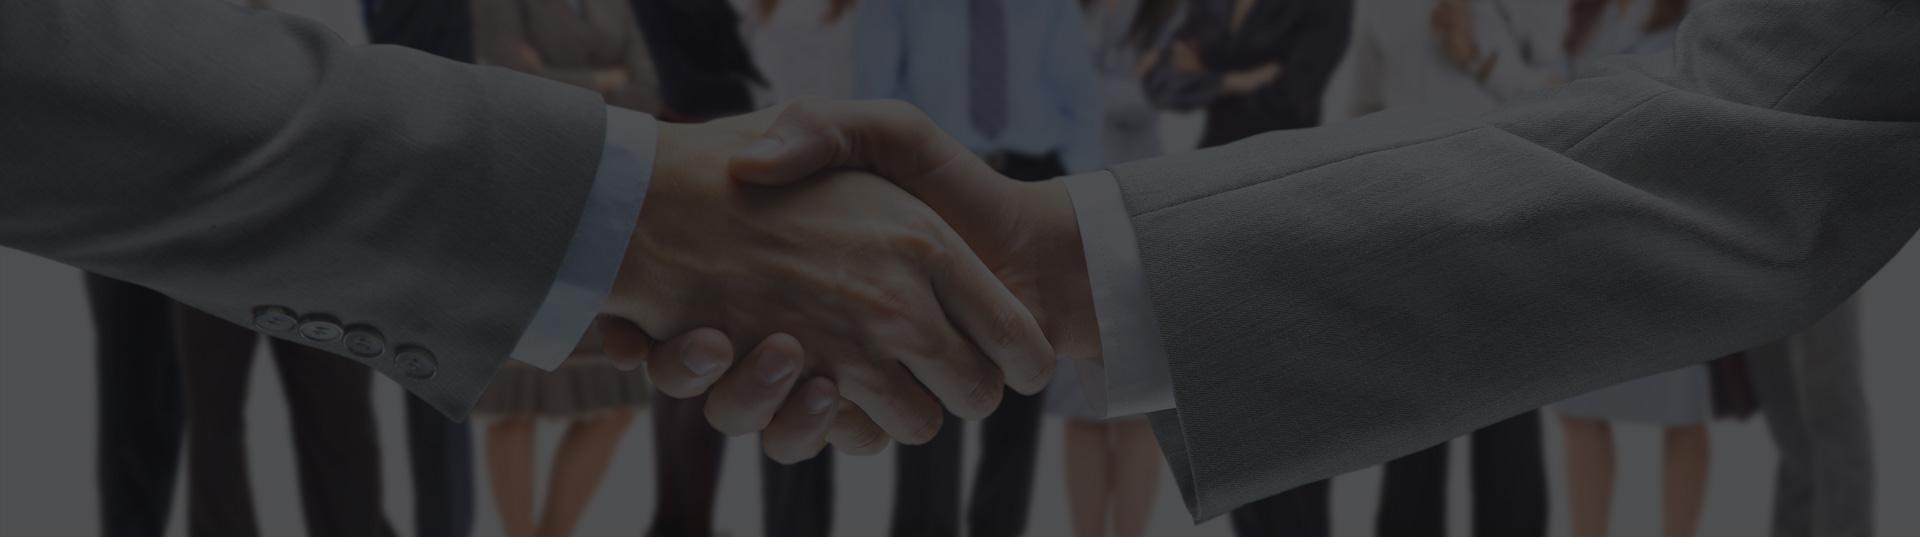 consultoria-empresas-slider